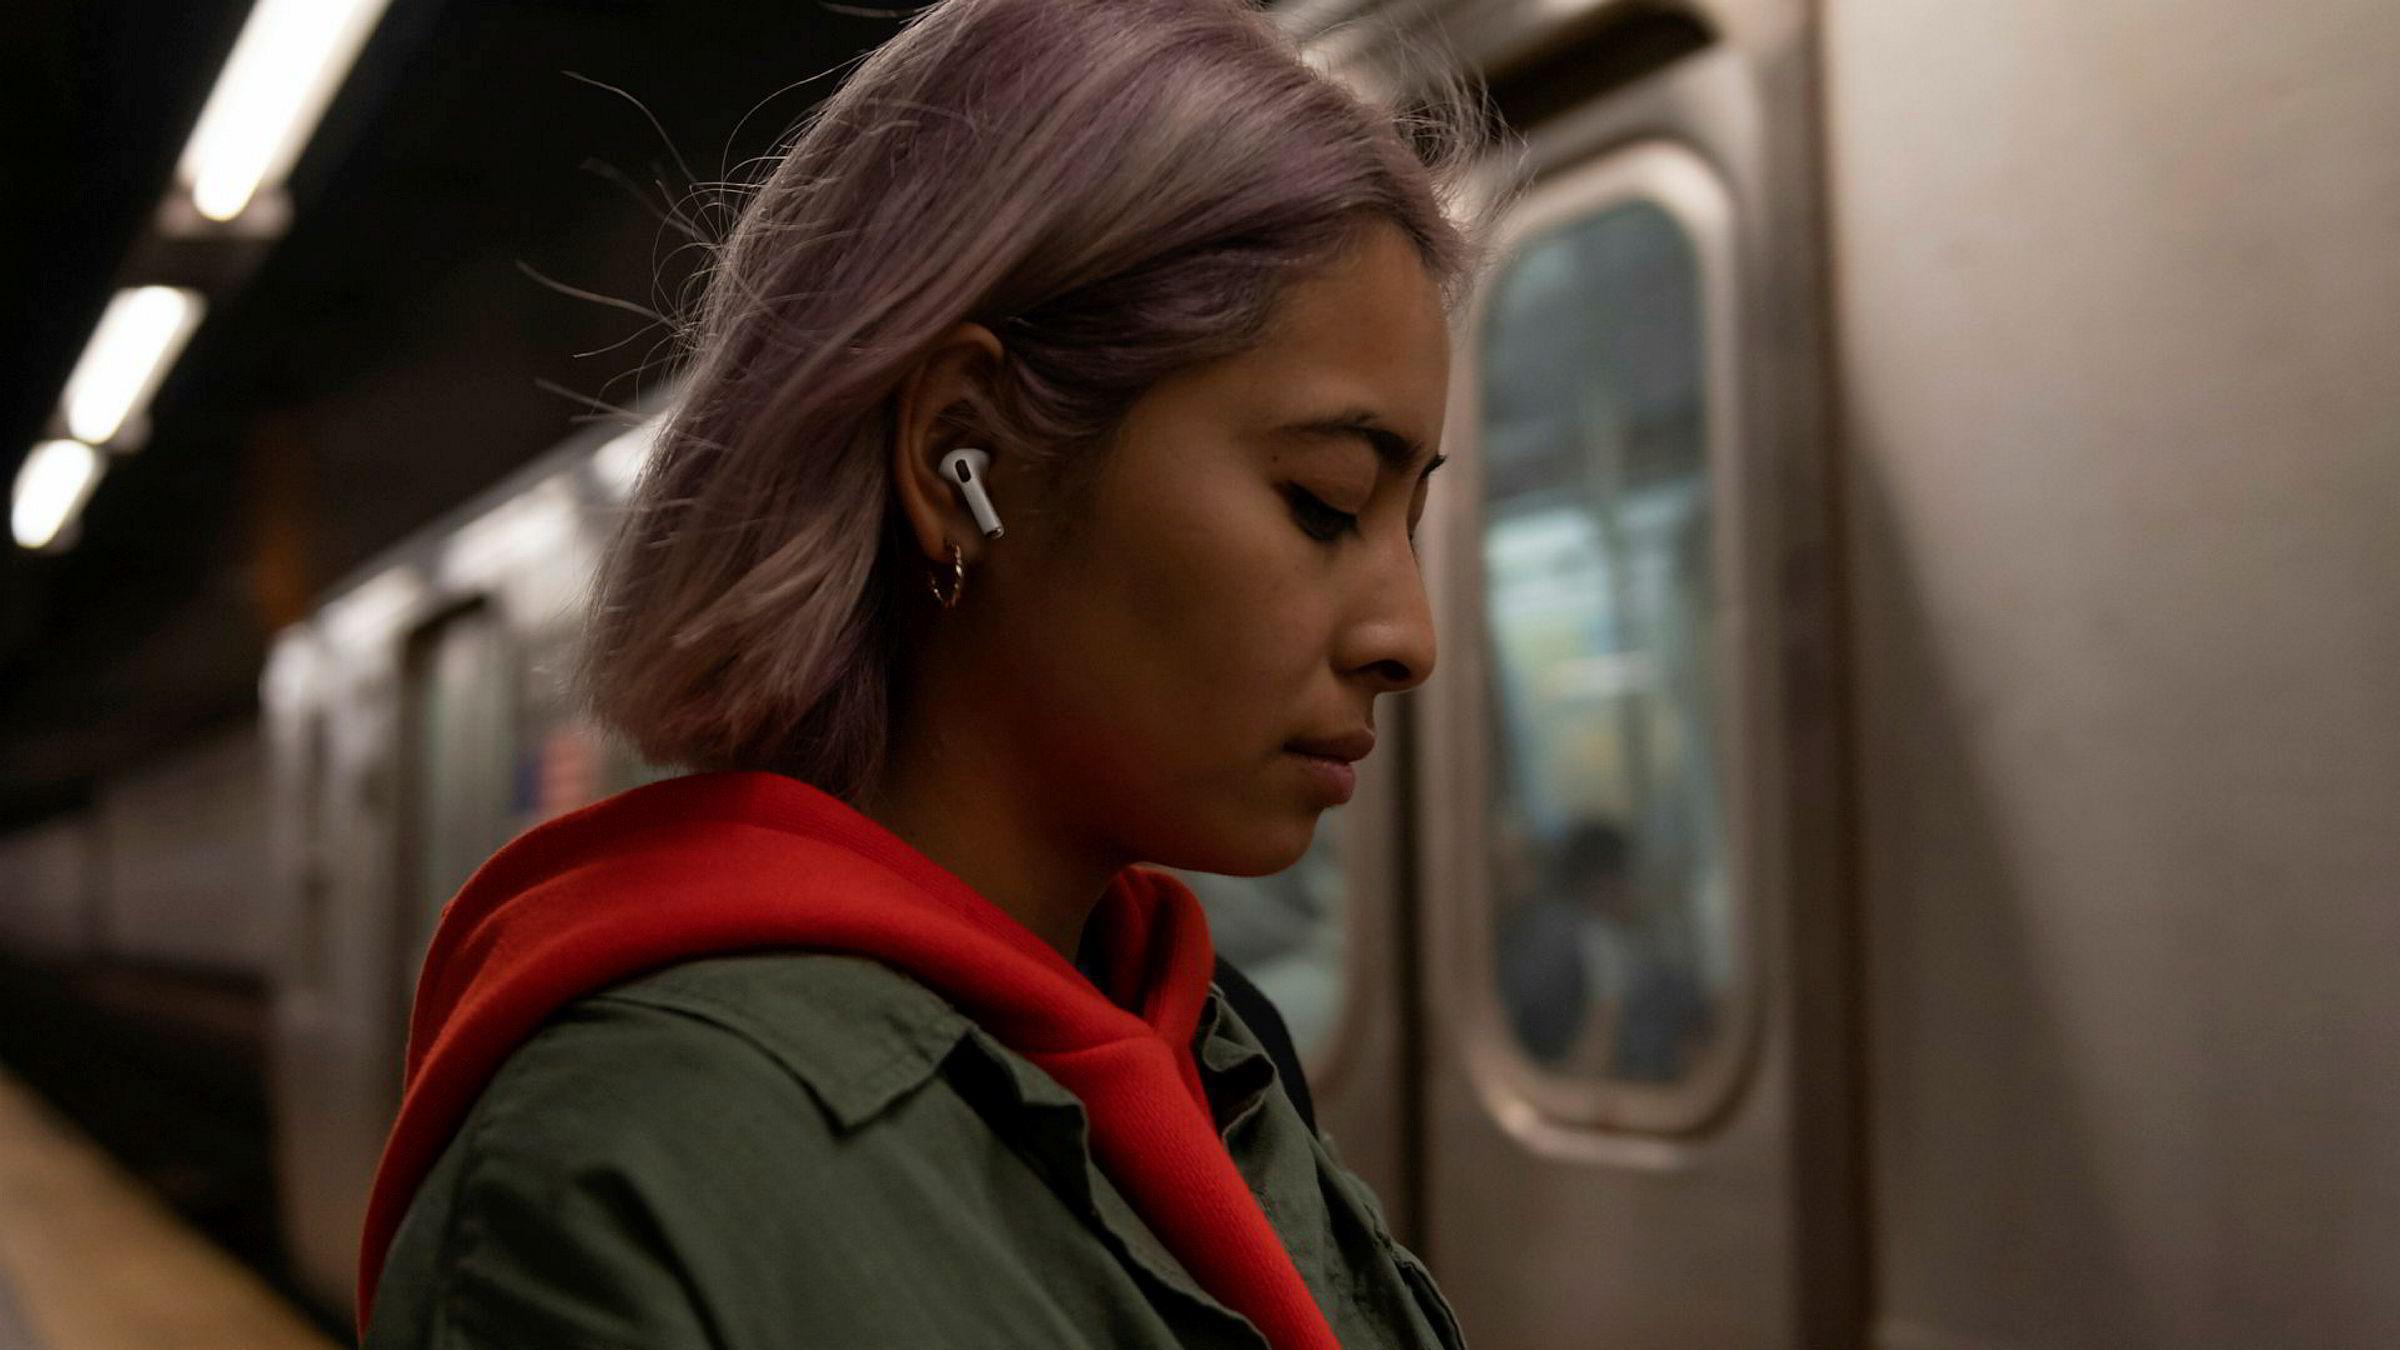 Salget av den nye versjonen av Apples airpods har tatt av.